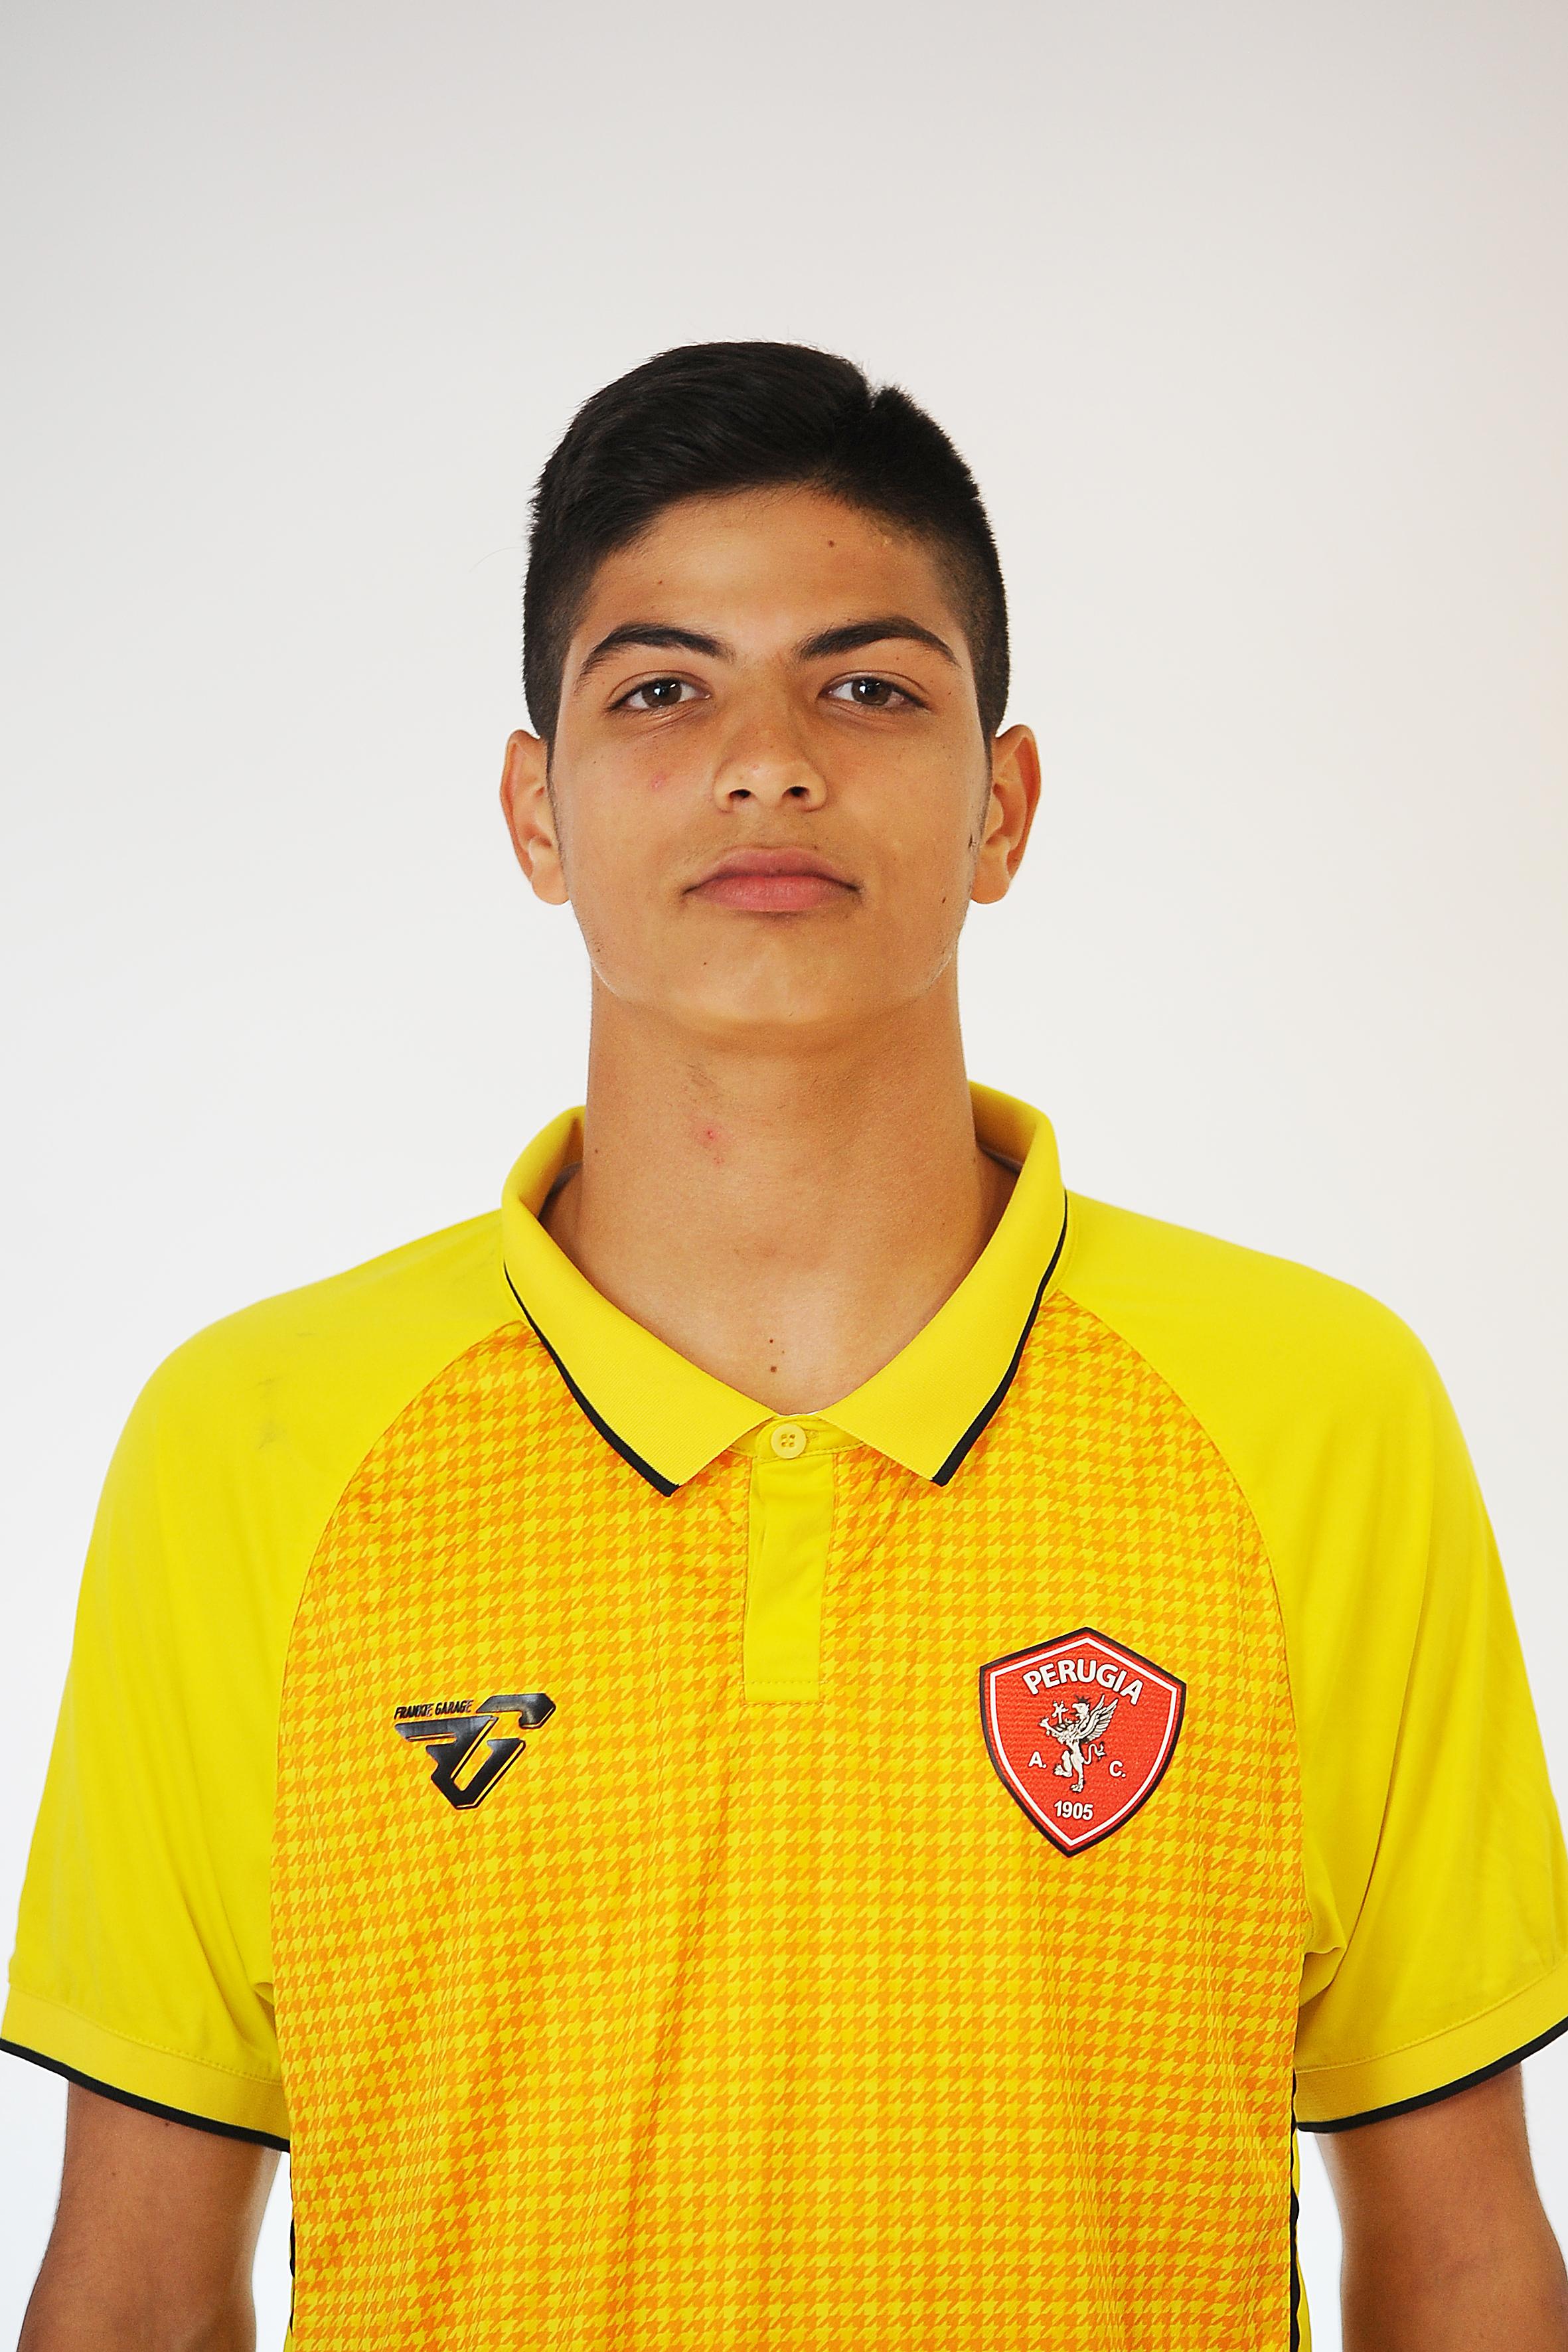 Poerio CastresePortiere- A.C. Perugia Calcio